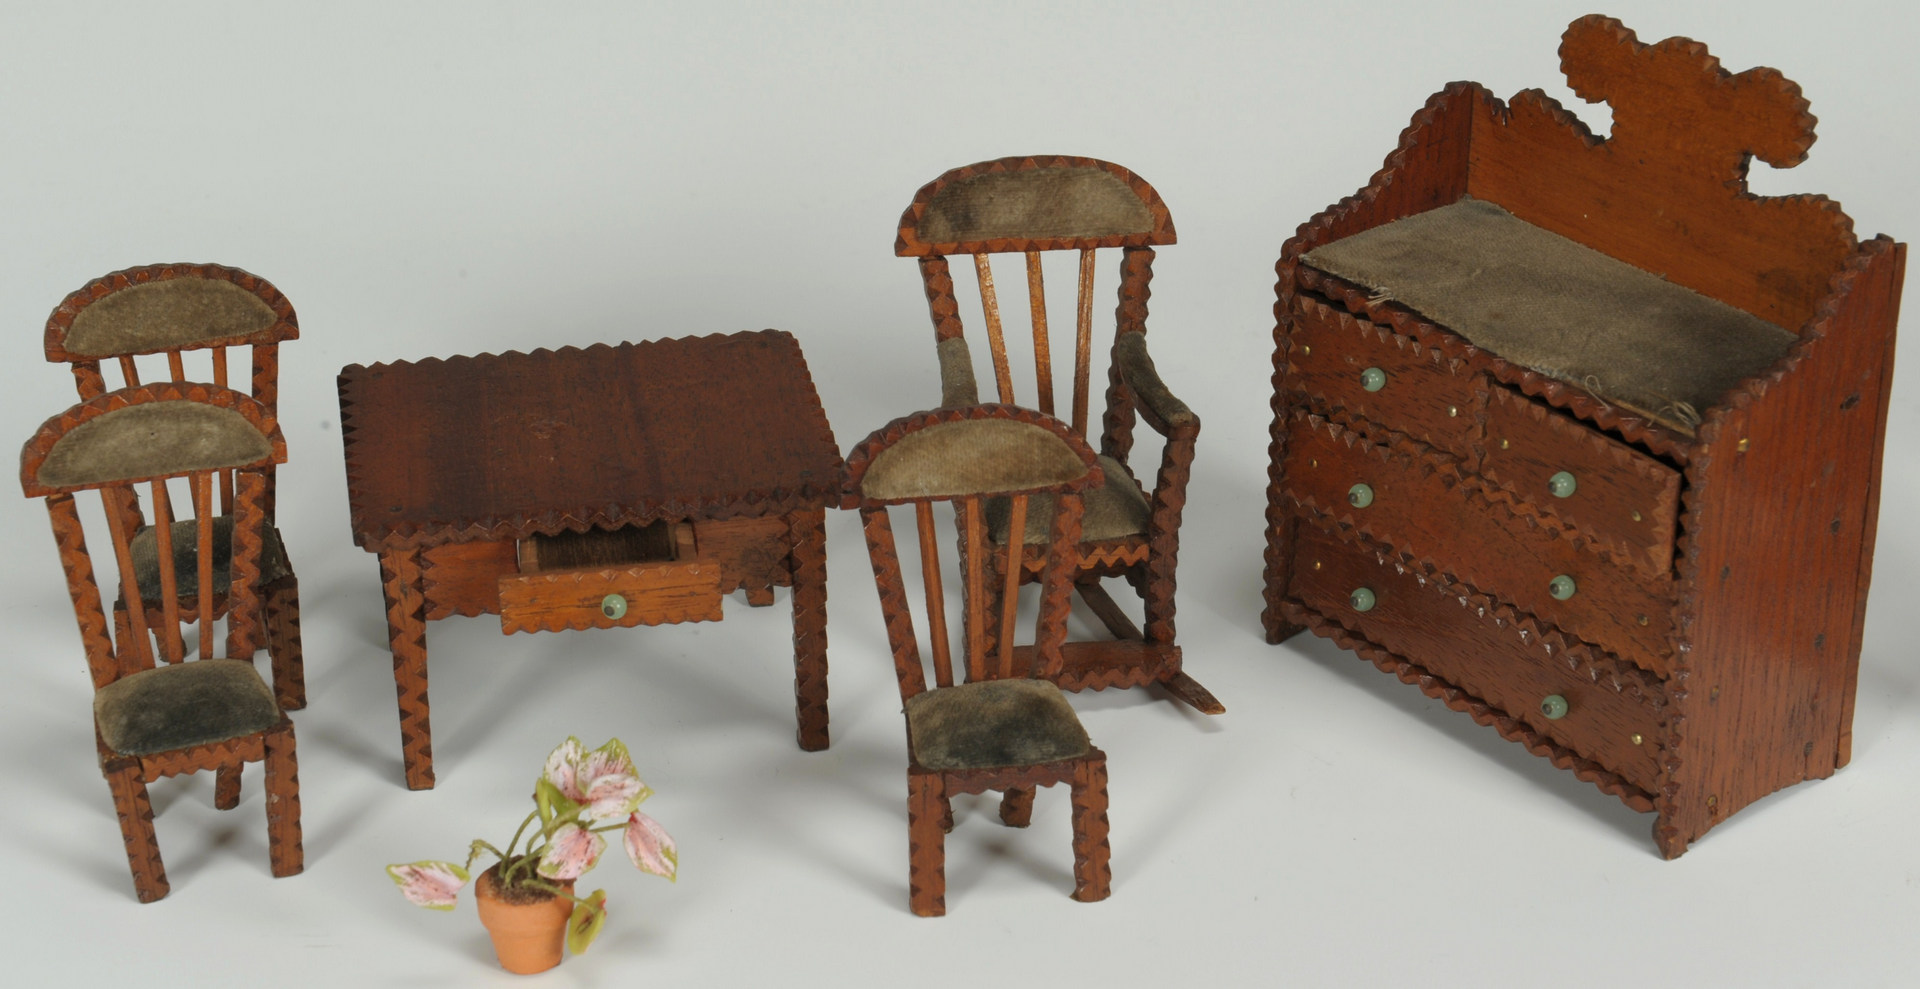 Lot 309: Miniature Folk Art Room Diorama